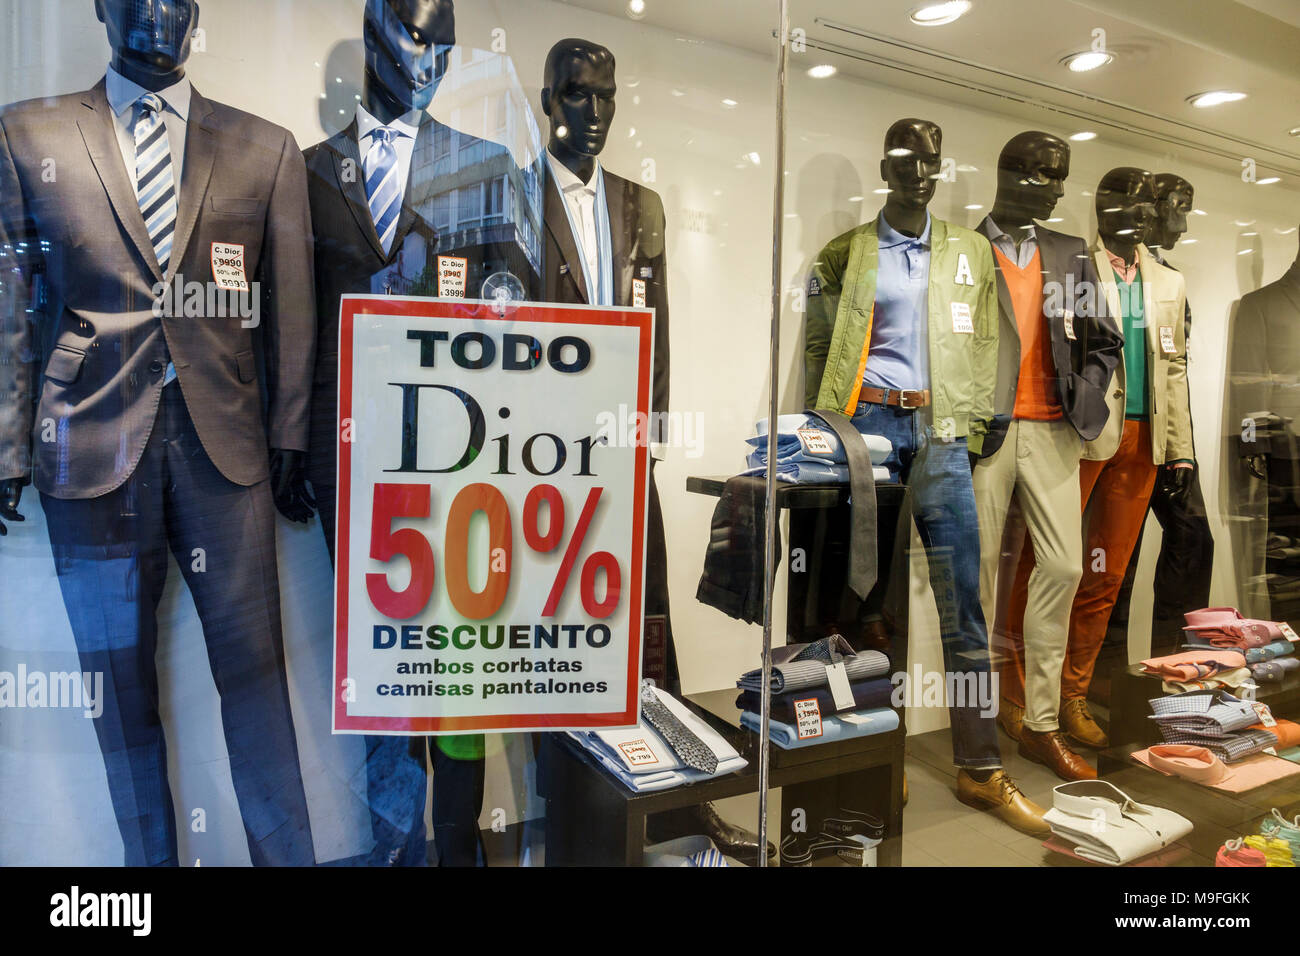 75f9c46fae9f5 Buenos Aires Argentina Microcentro ventana tienda Trajes de ropa para  hombres ropa casual maniquíes firmar Dior designer venta a mitad de precio